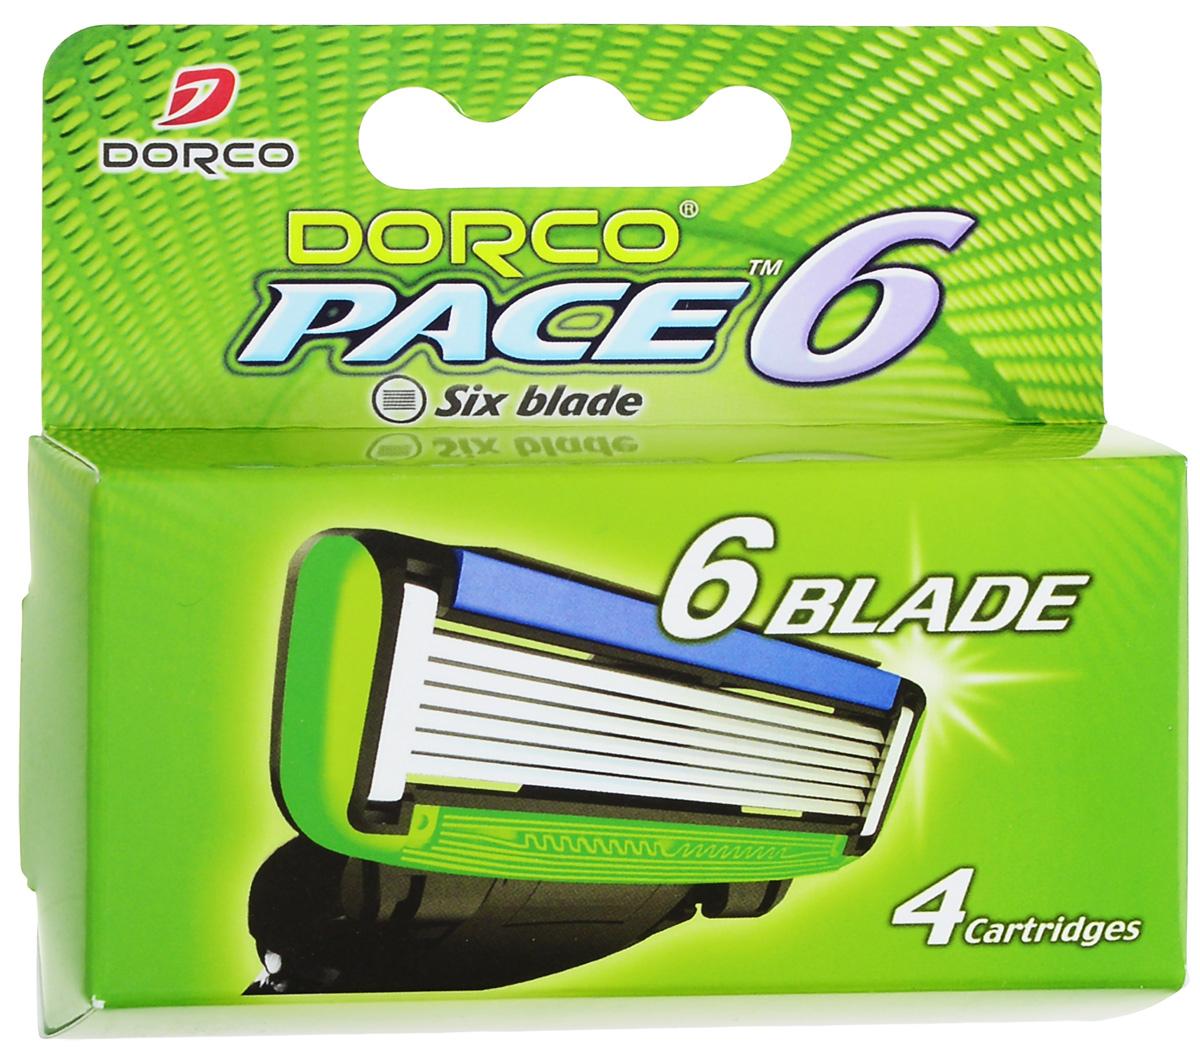 Dorco Kассеты для бритья Pace 6, 4 шт.851229Кассеты с увлажняющей полоской и 6 лезвиями обеспечивают комфортное бритье. Лезвия легко промываются. Плавающая головка с фронтальным креплением обеспечивает гладкое и чистое бритье. ГОСТ Р 51243-99. Лезвие не вытирать. Не использовать в целях, отличающихся от прямого назначения продукта. Беречь от детей. Хранить в сухом, недоступном для детей месте.